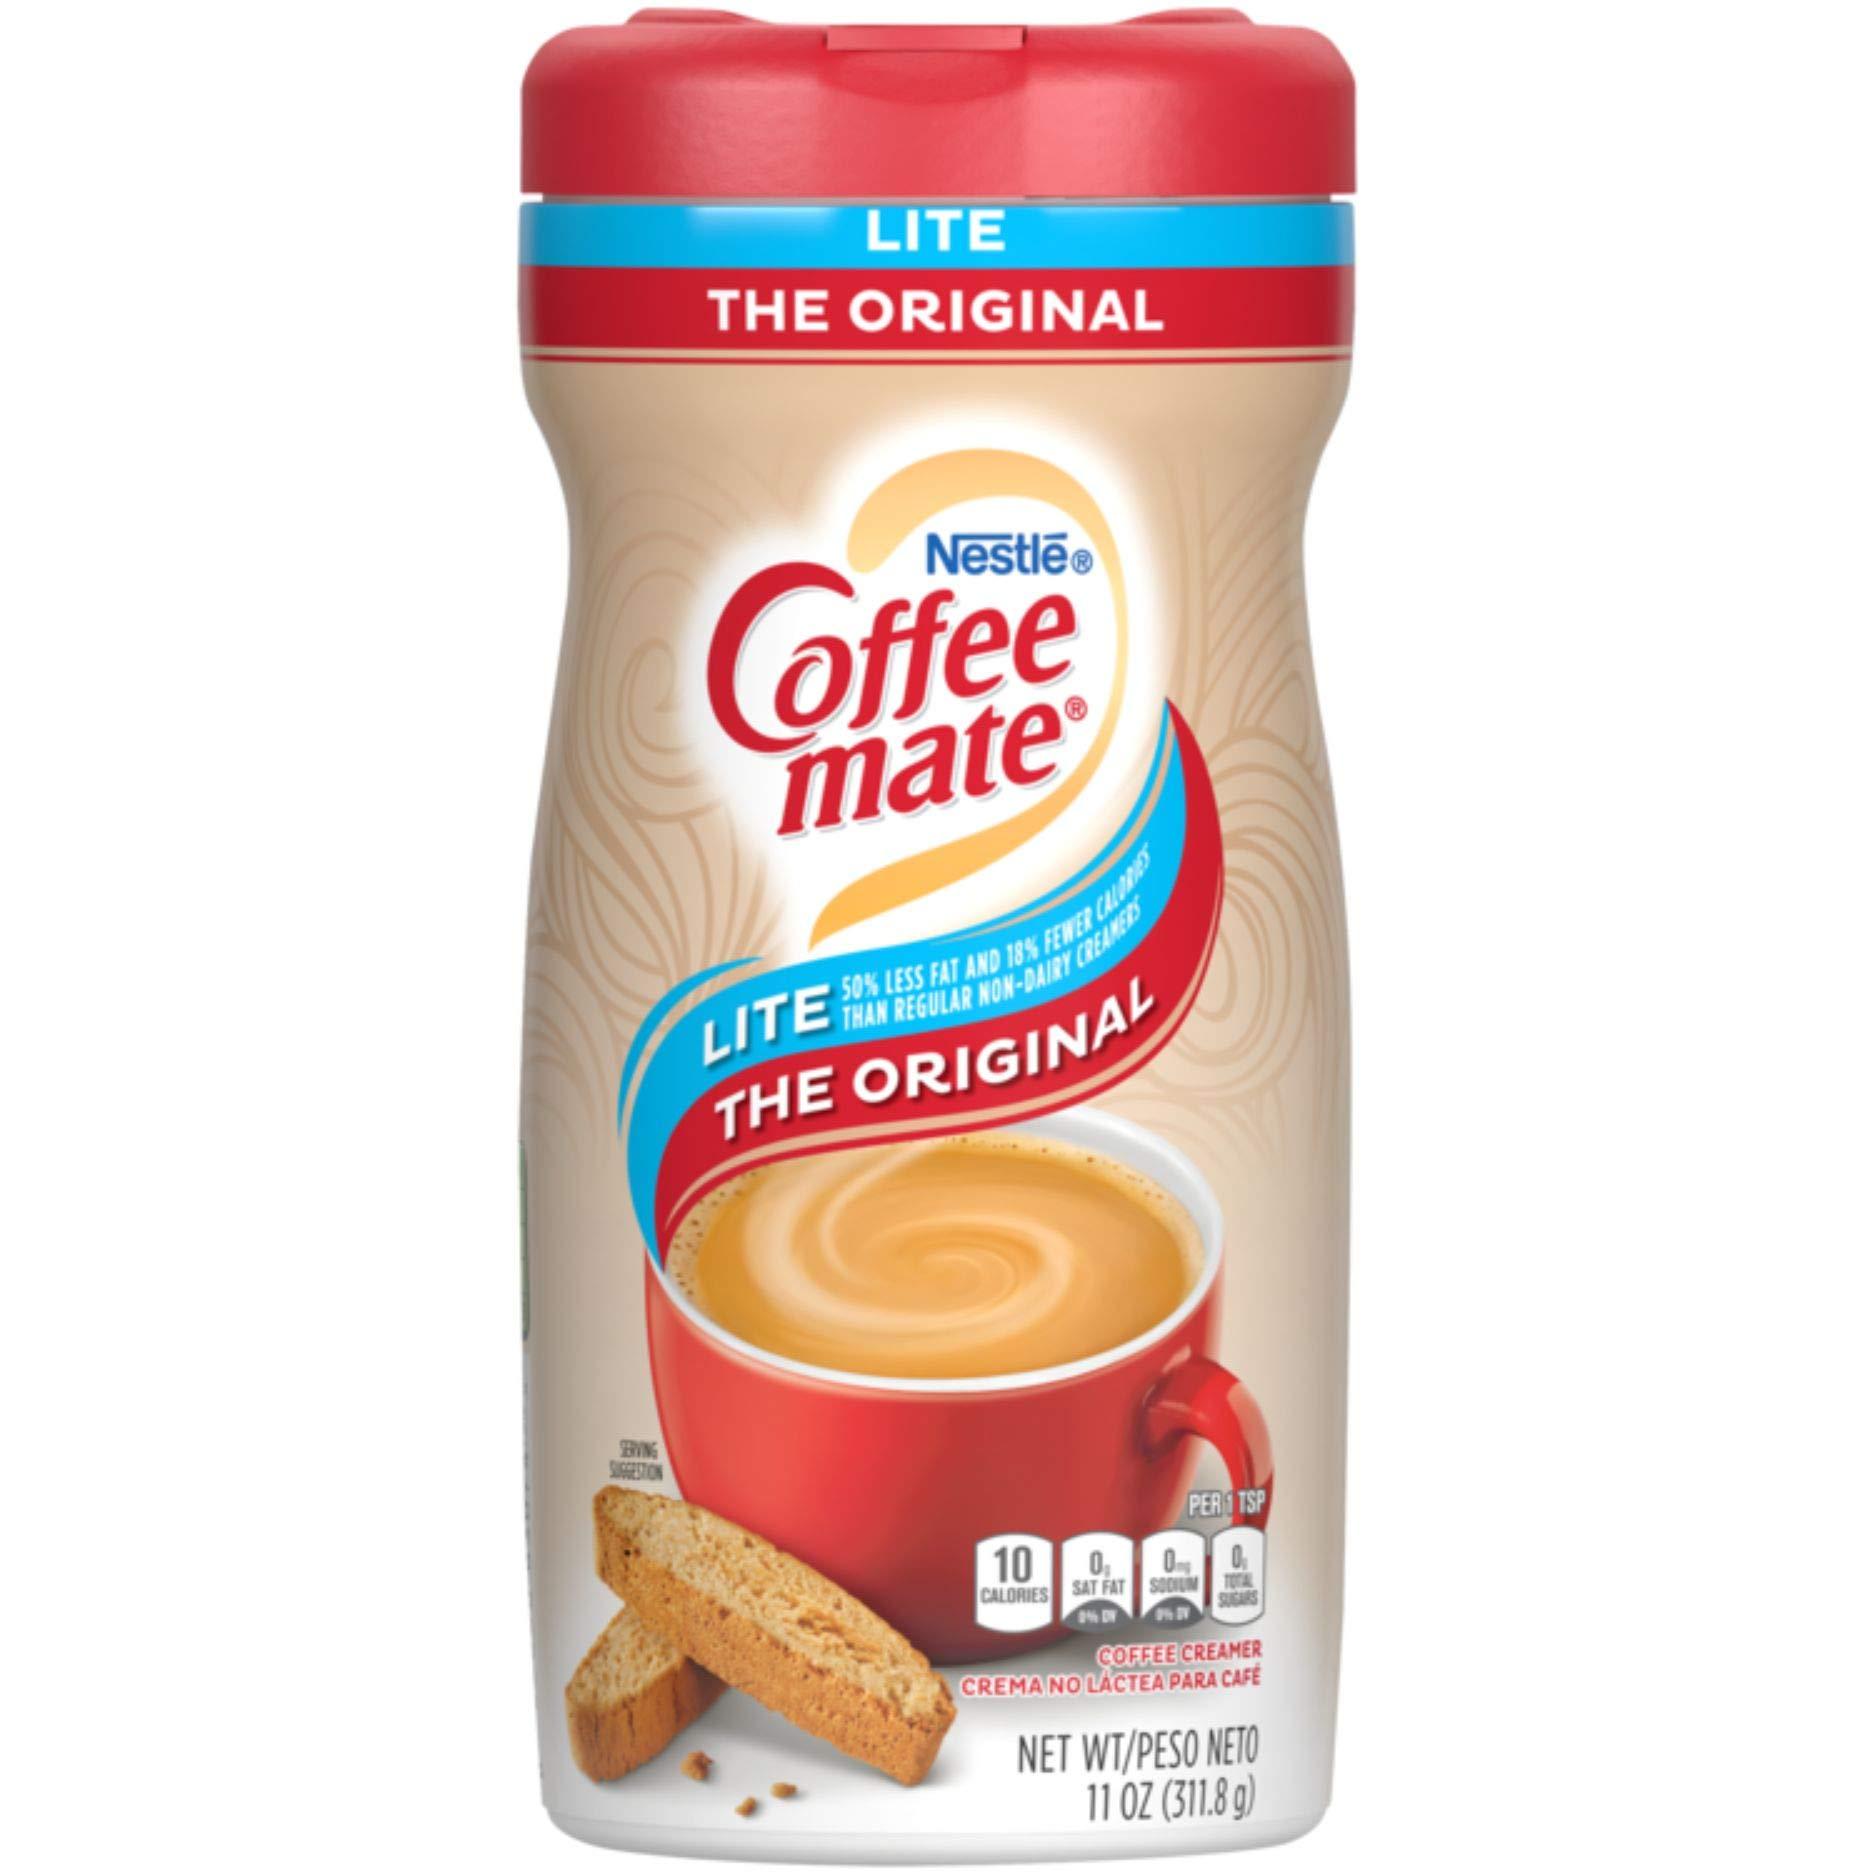 Nestle Coffee mate Coffee Creamer, Original Lite, Powder Creamer, 11 Ounces